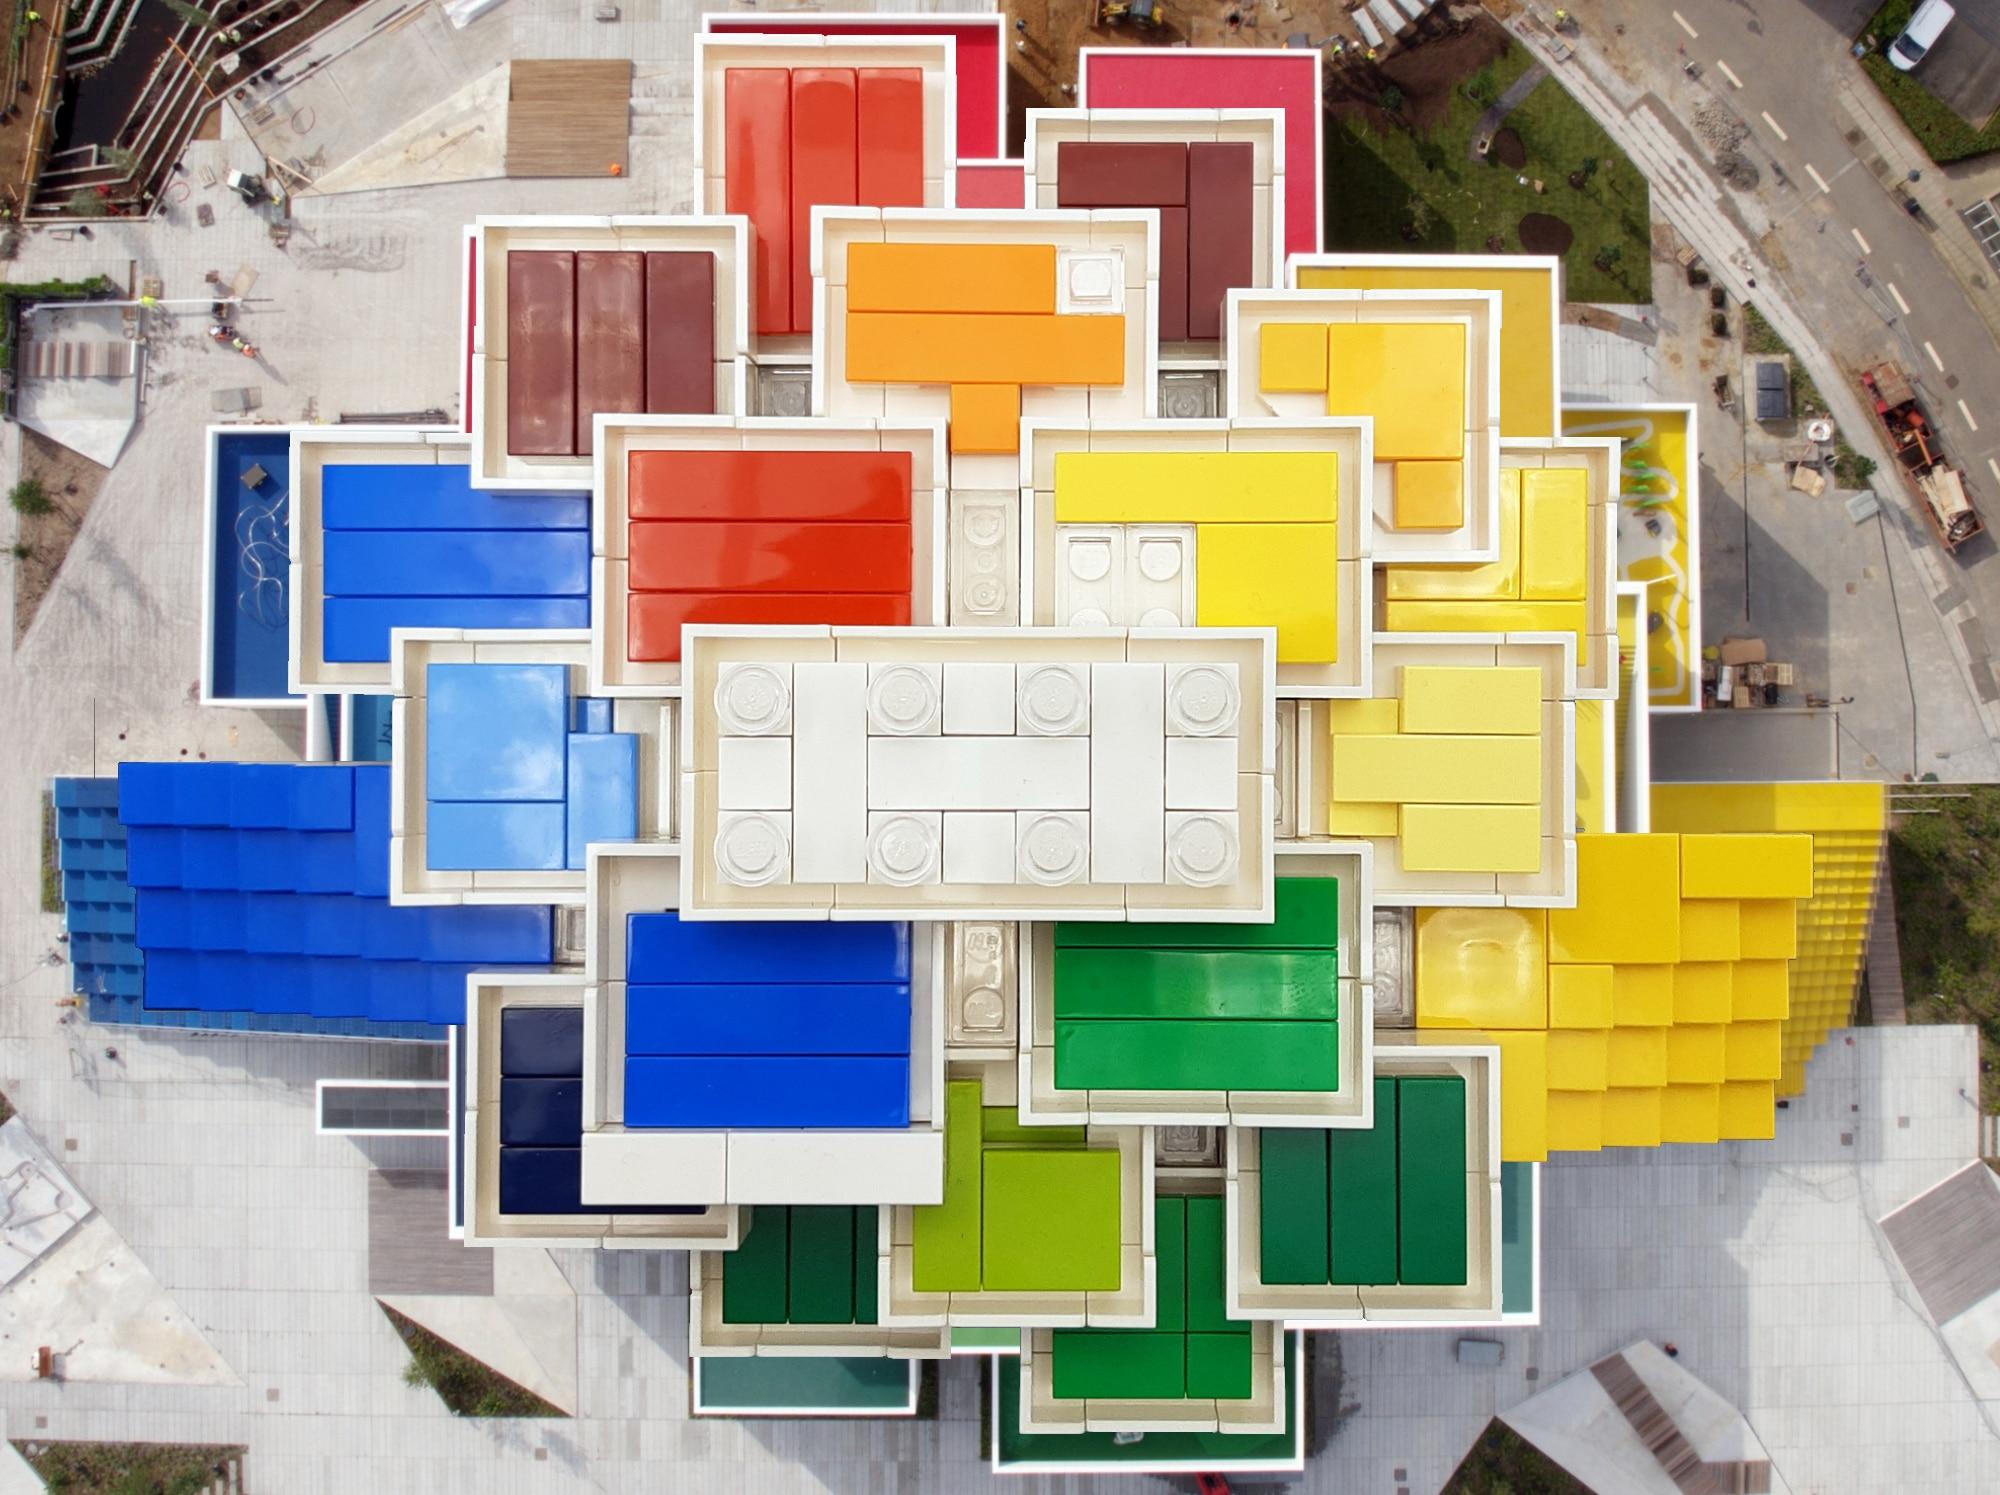 LEGO 21037 LEGO House - Ansicht von oben 2